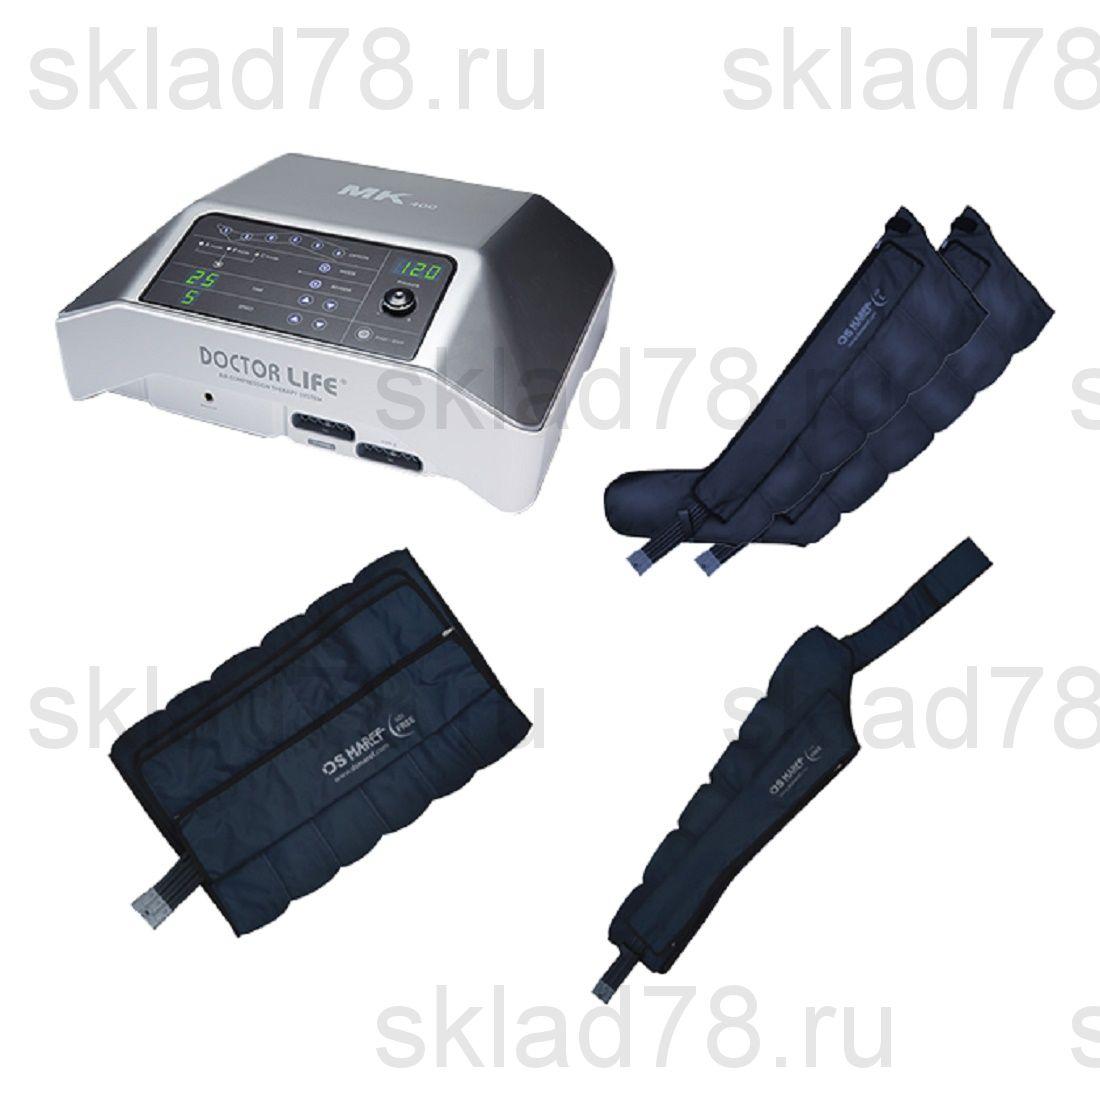 Doctor Life MARK 400 + манжеты для ног + пояс для похудения + манжета на руку